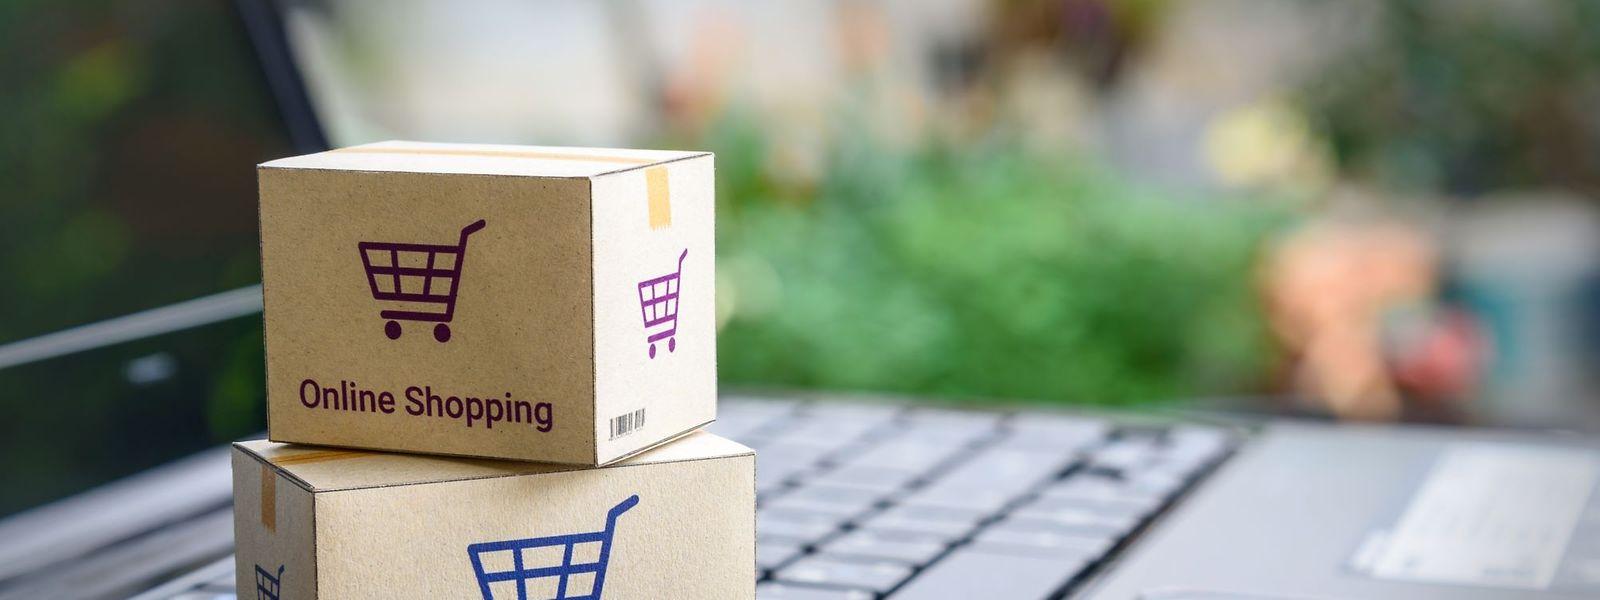 Financé notamment par le Ministère de l'Économie et 16 communes le site de vente en ligne Letzshop compte 199 commerces affiliés.